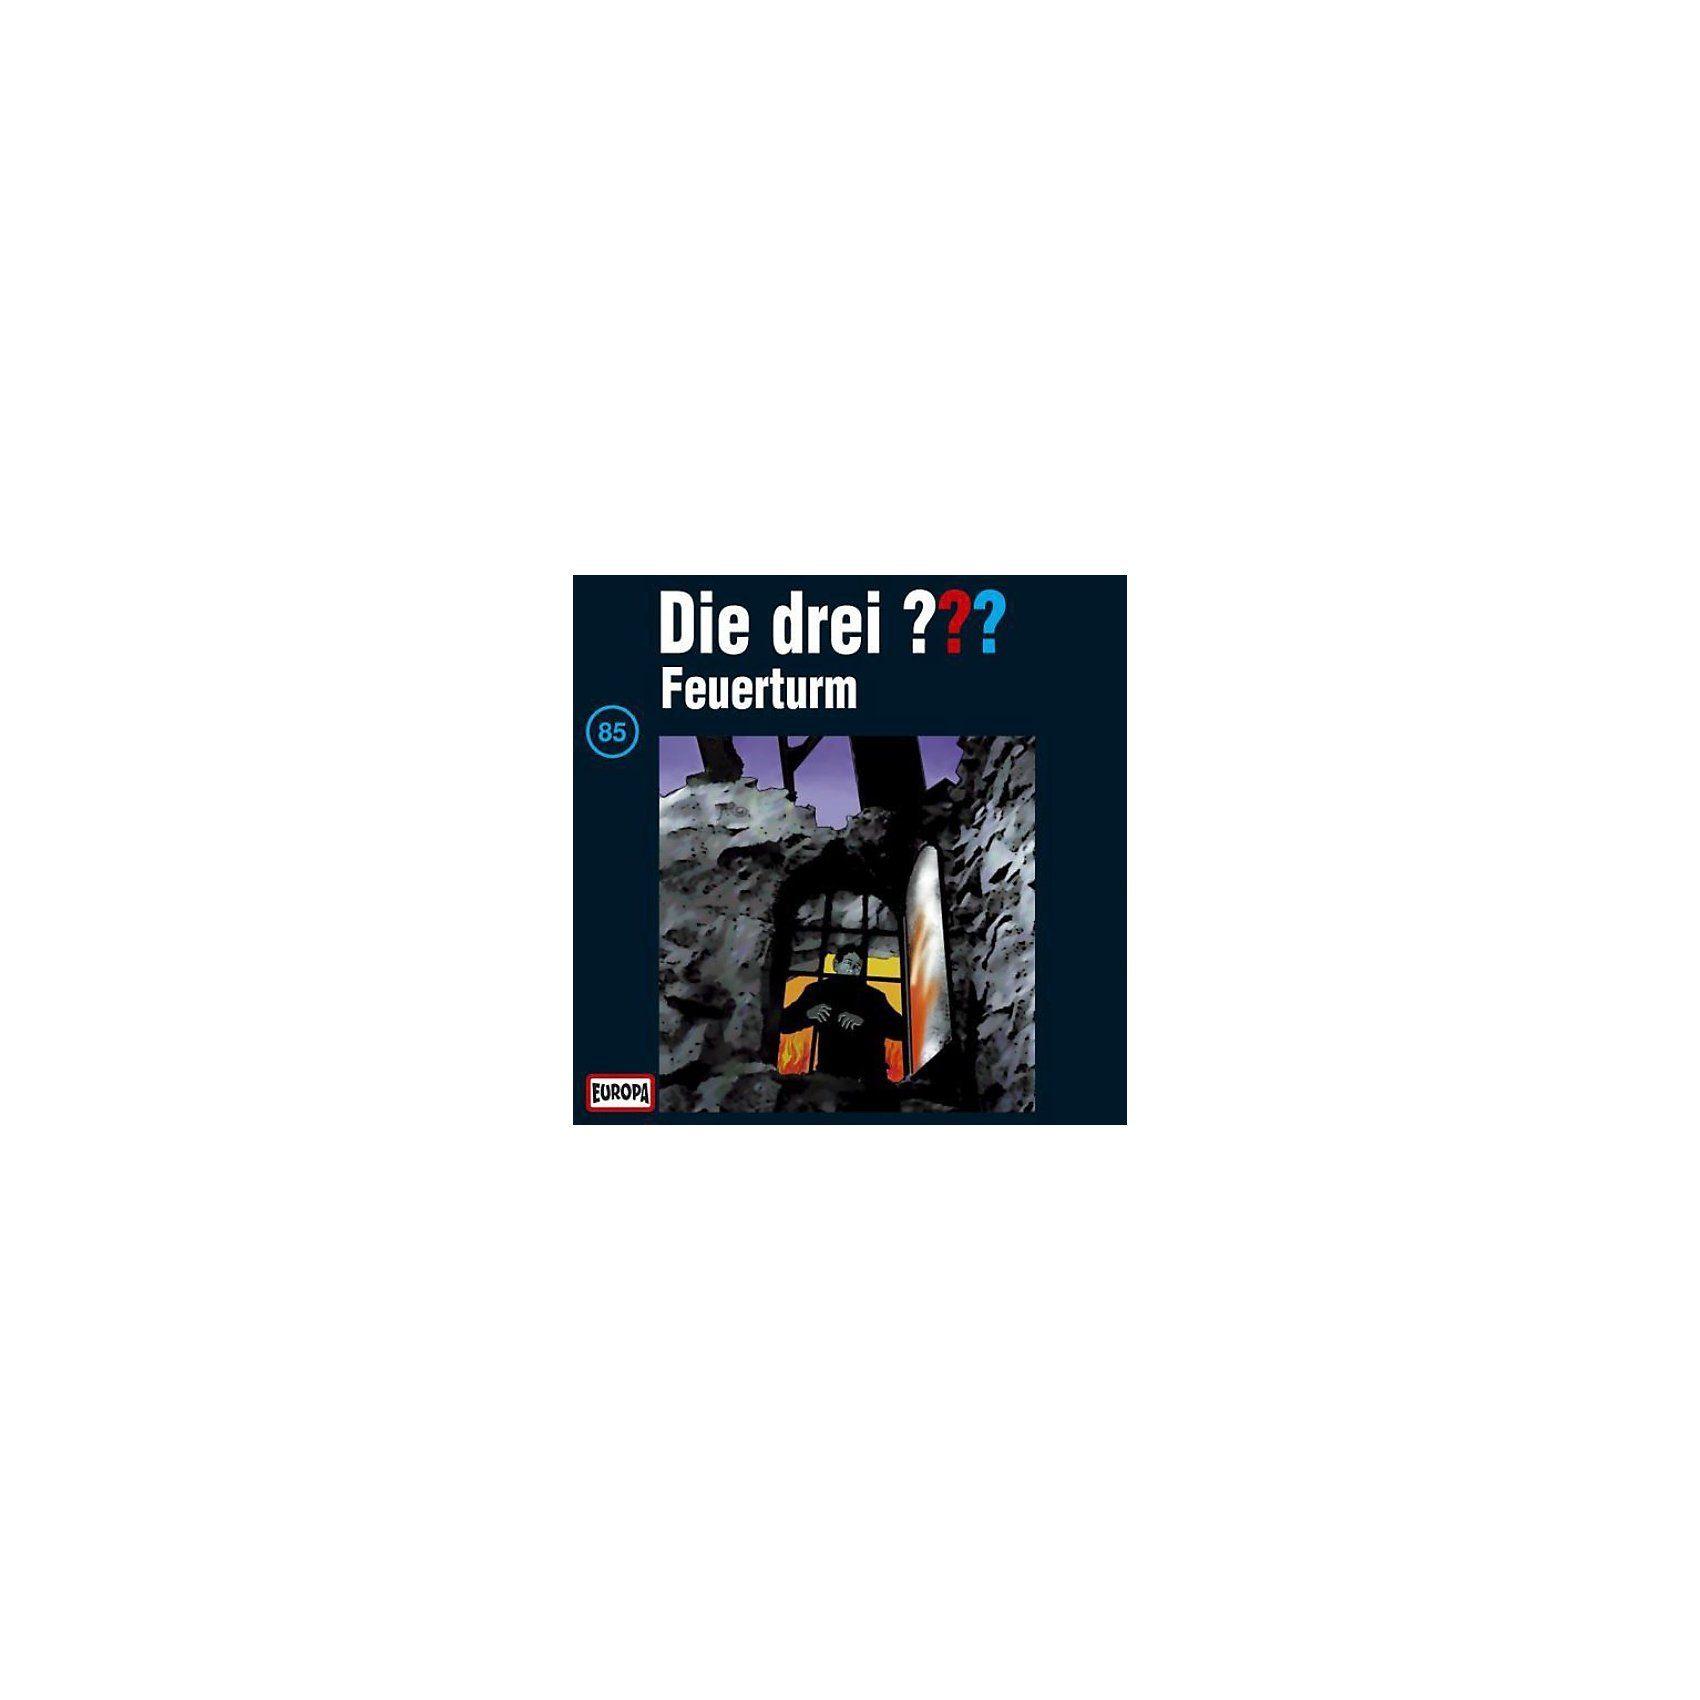 SONY BMG MUSIC CD Die Drei ??? 85 - Feuerturm